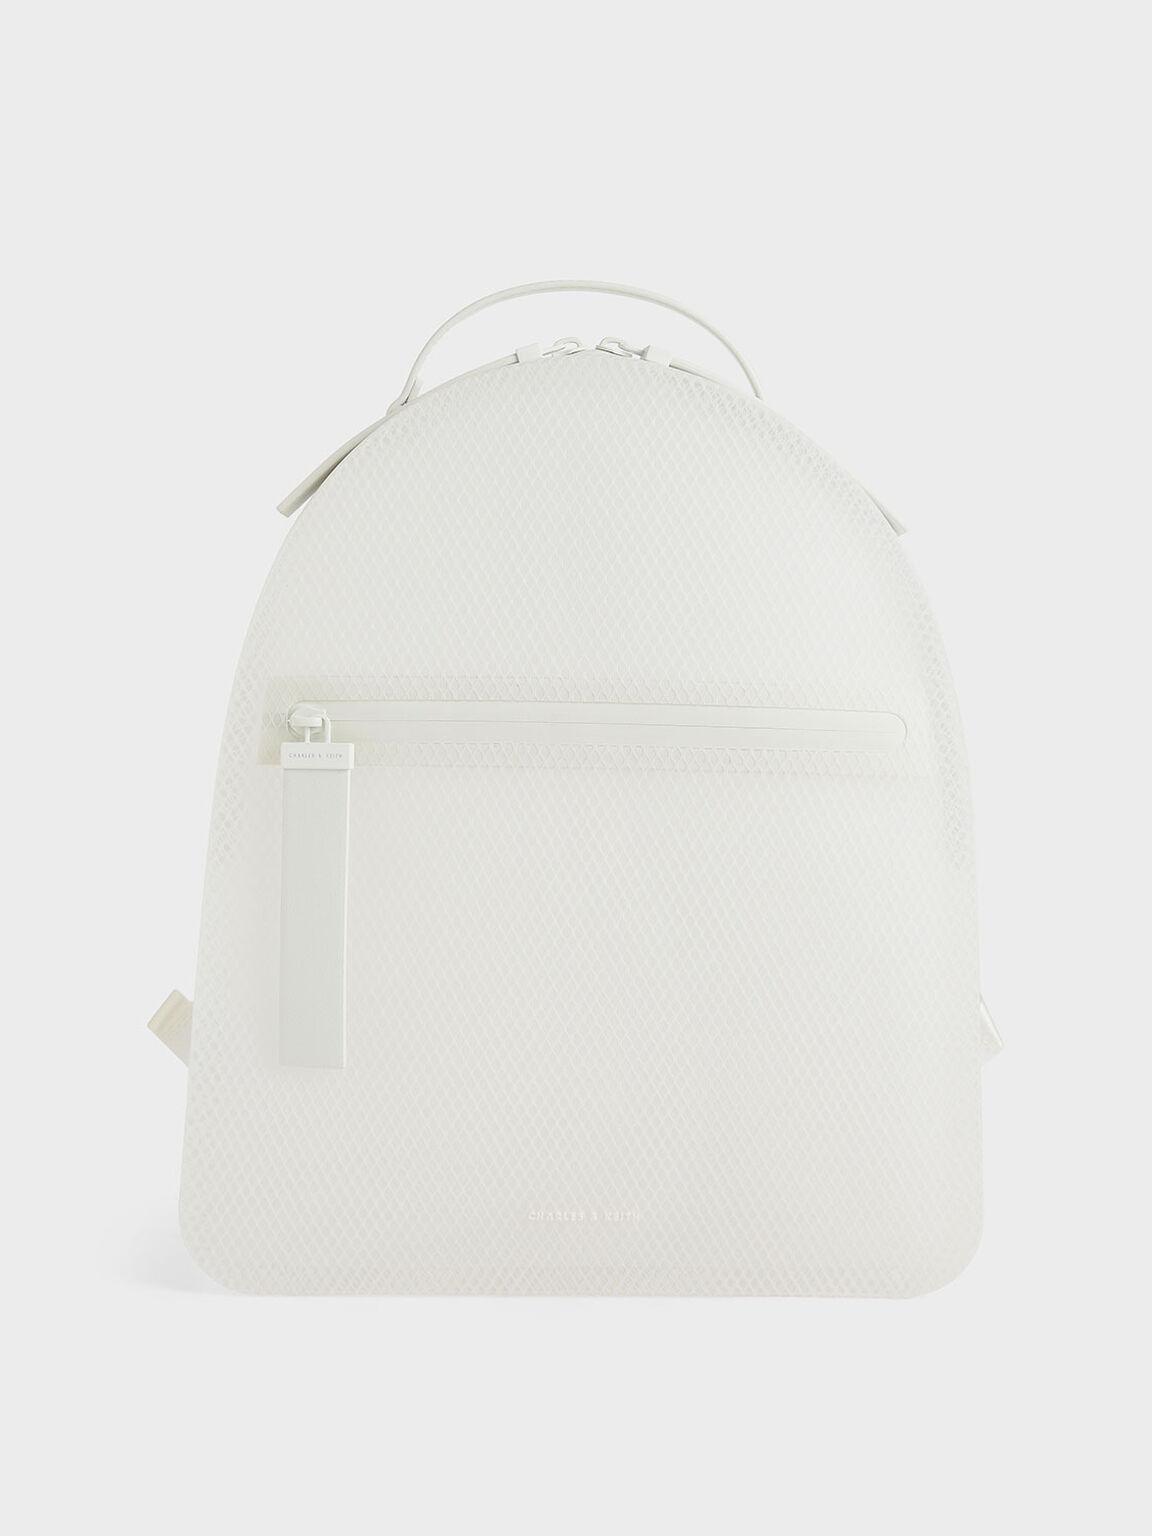 果凍拉鍊後背包, 白色, hi-res